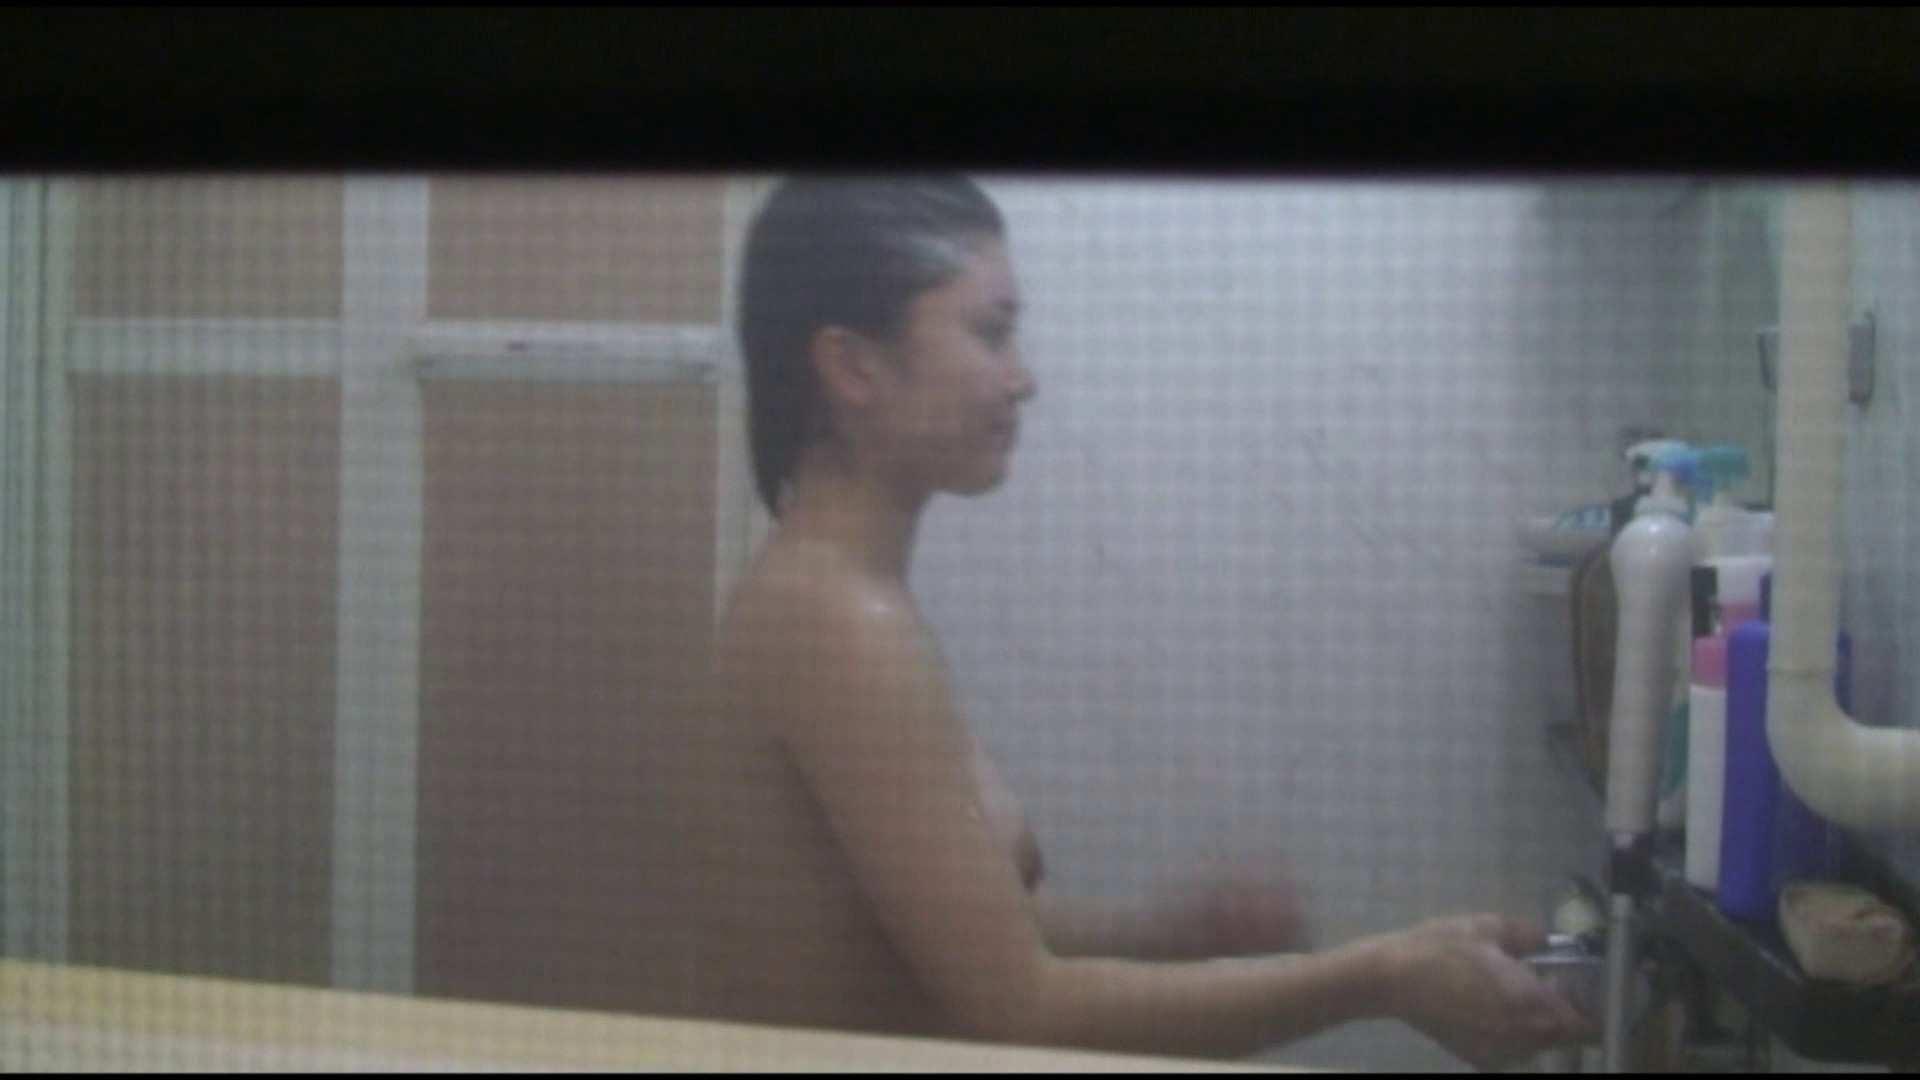 vol.04巨乳美人のおっぱいがプルルンッと弾けてます!風呂上りも必見 覗き  94pic 27